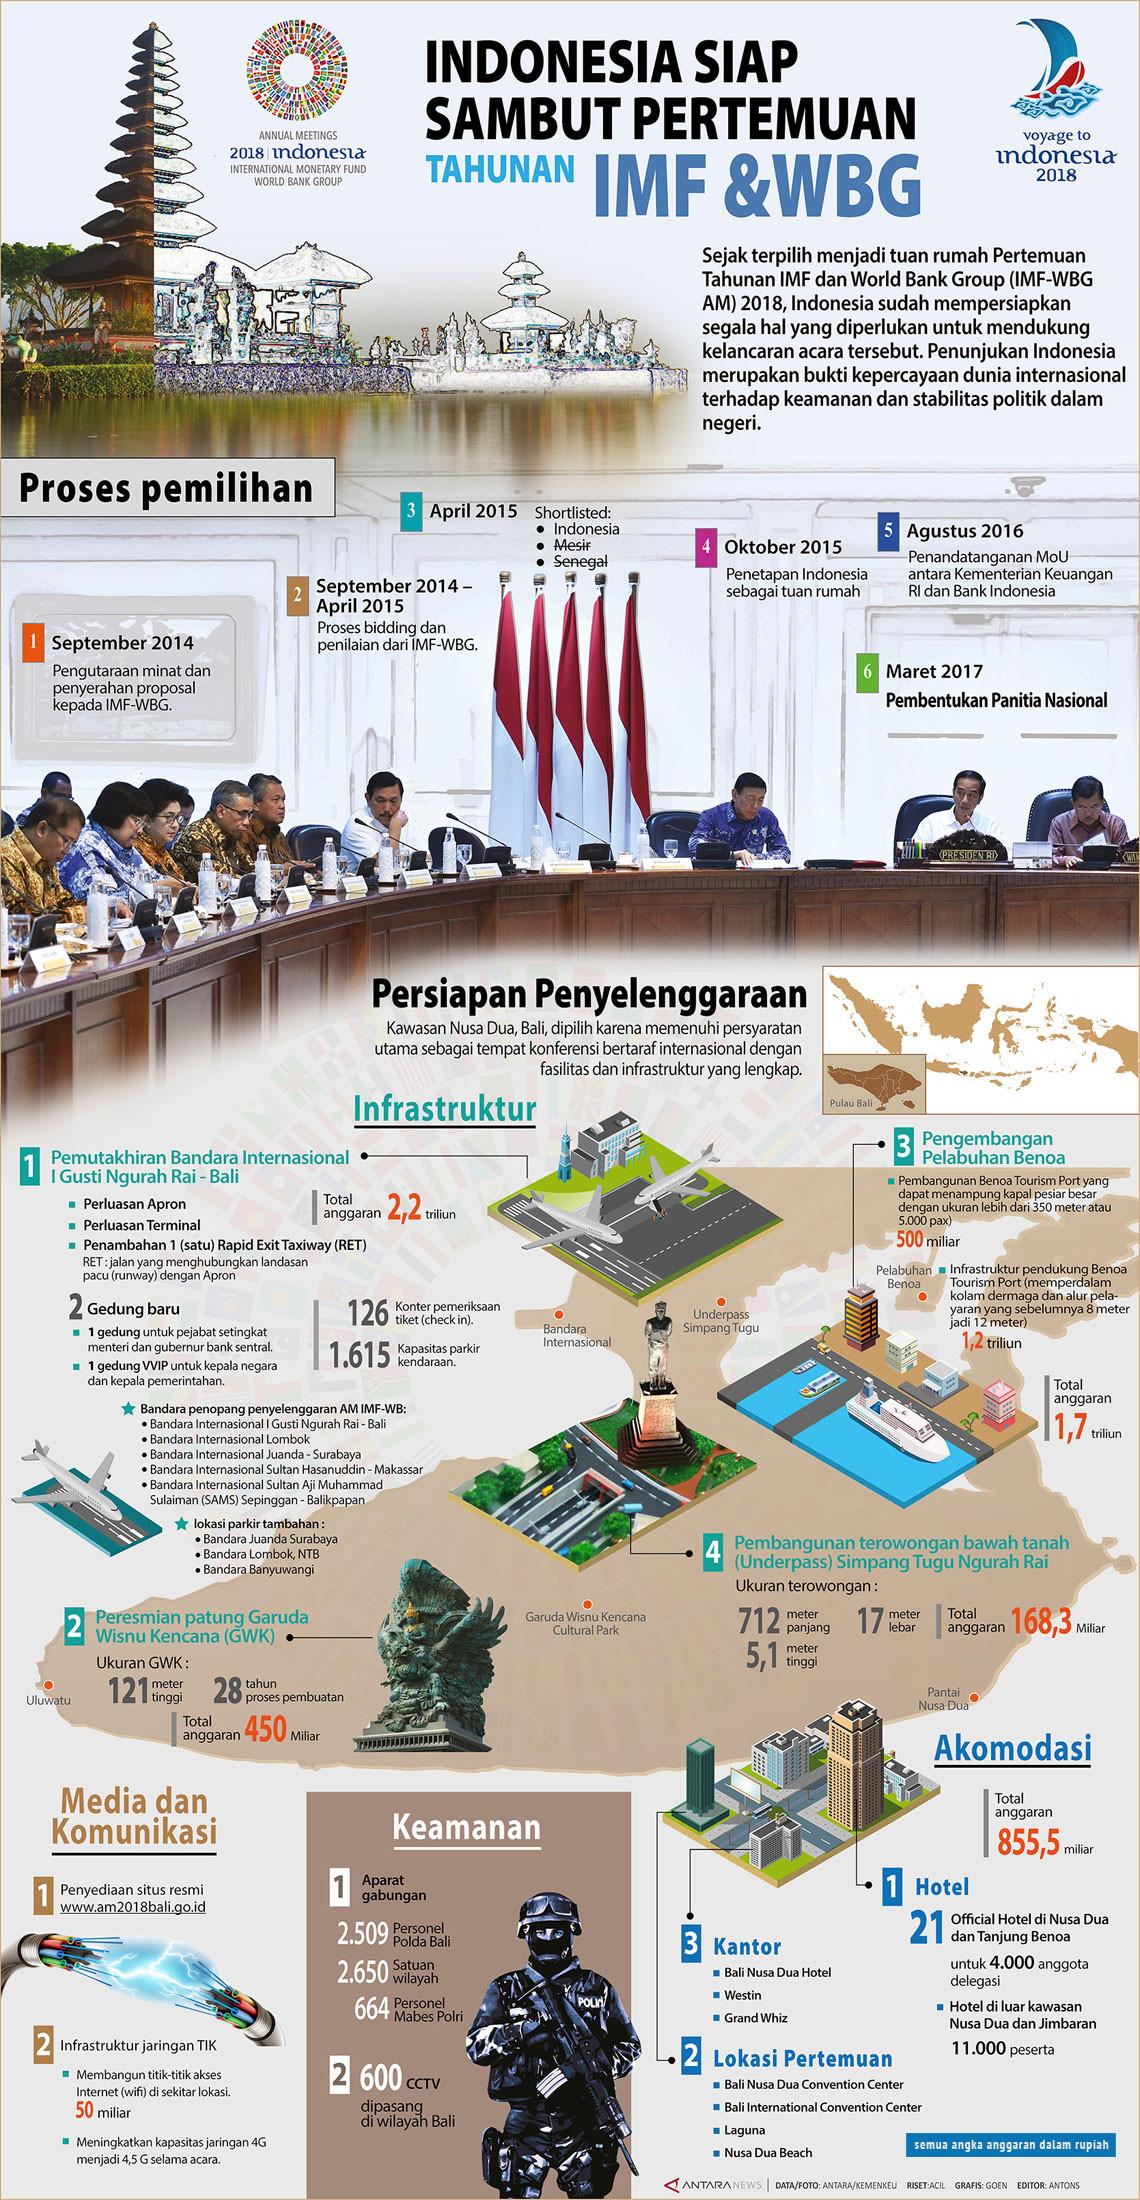 Indonesia siap sambut pertemuan tahunan IMF-WBG